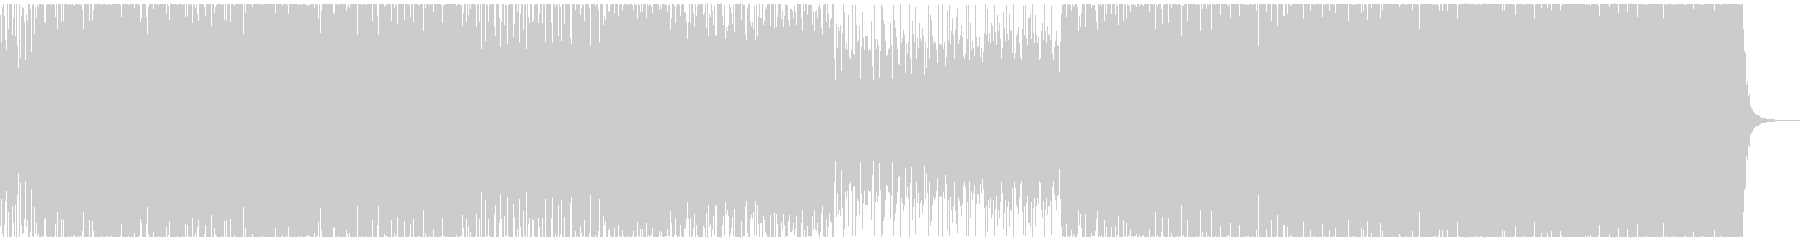 シンセ音メインのクールなミニマルBGMの未再生の波形